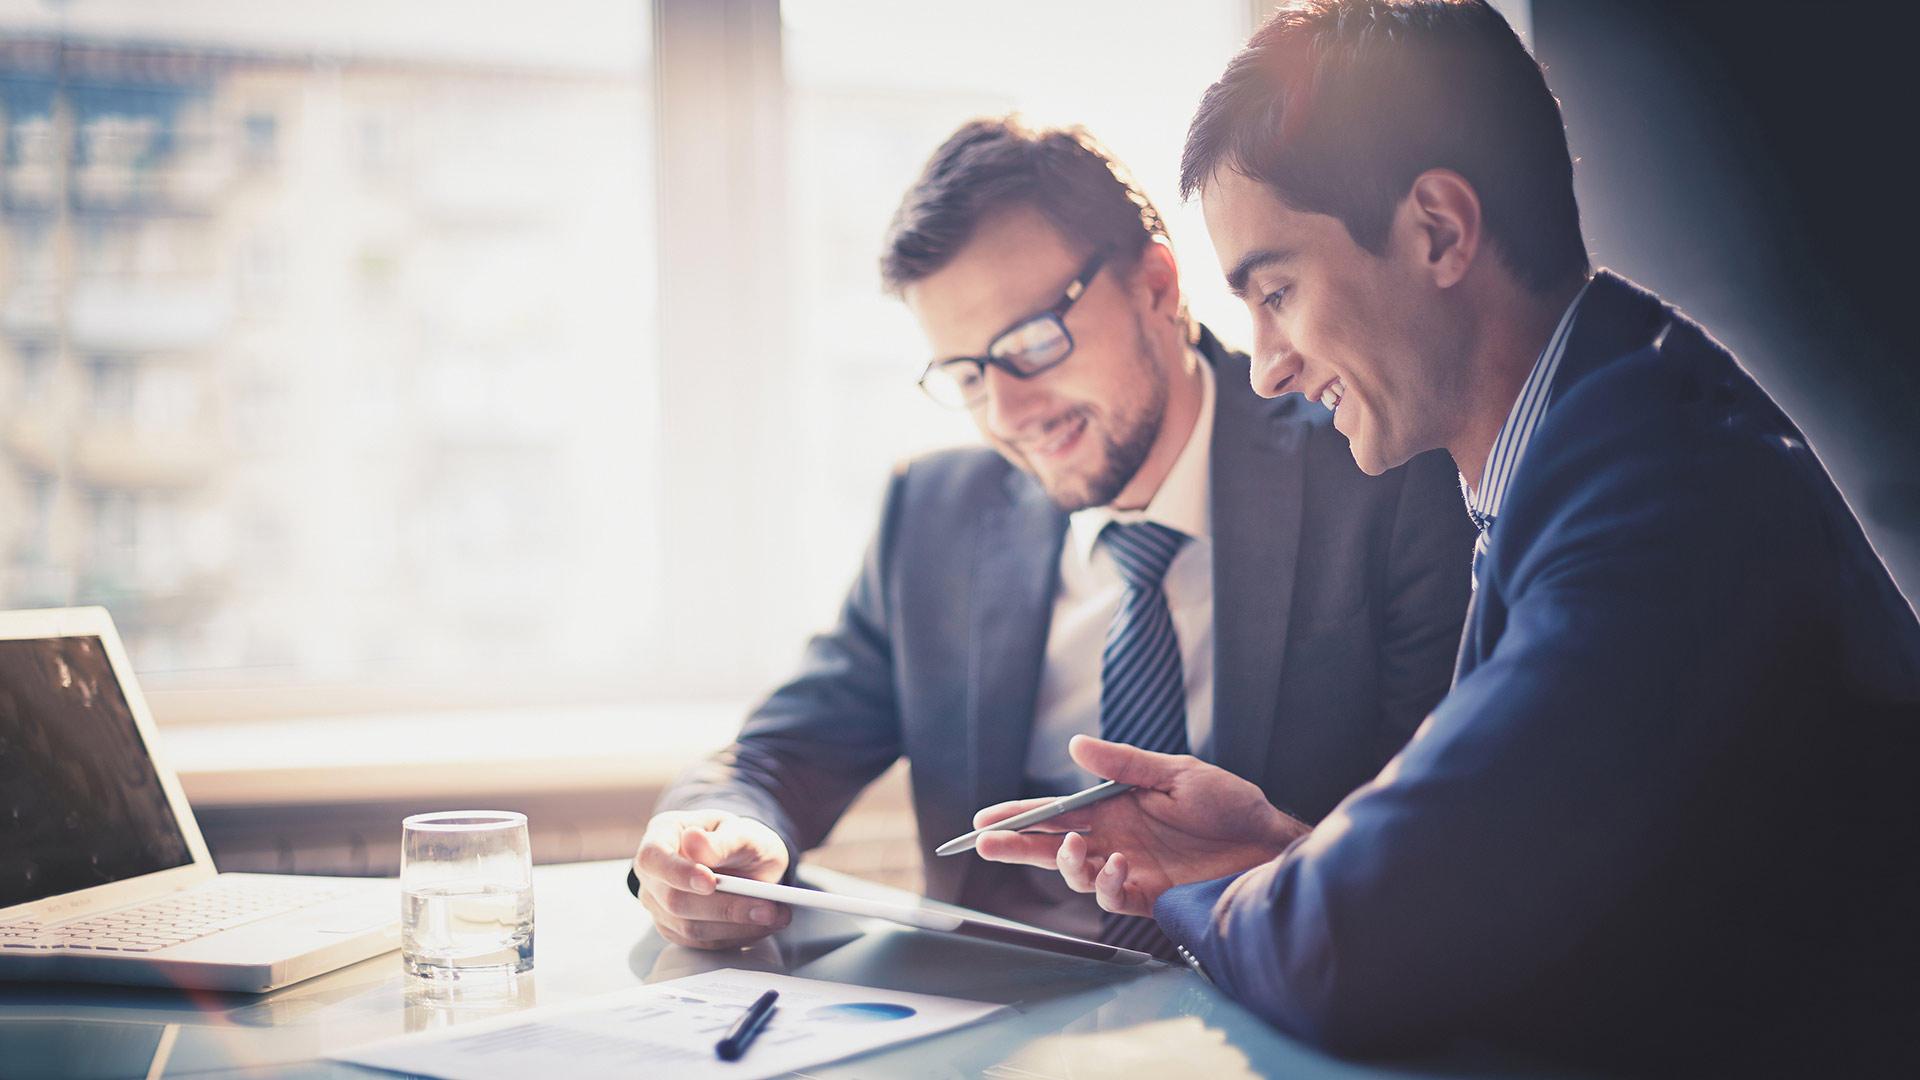 Two businessmen analyzing data